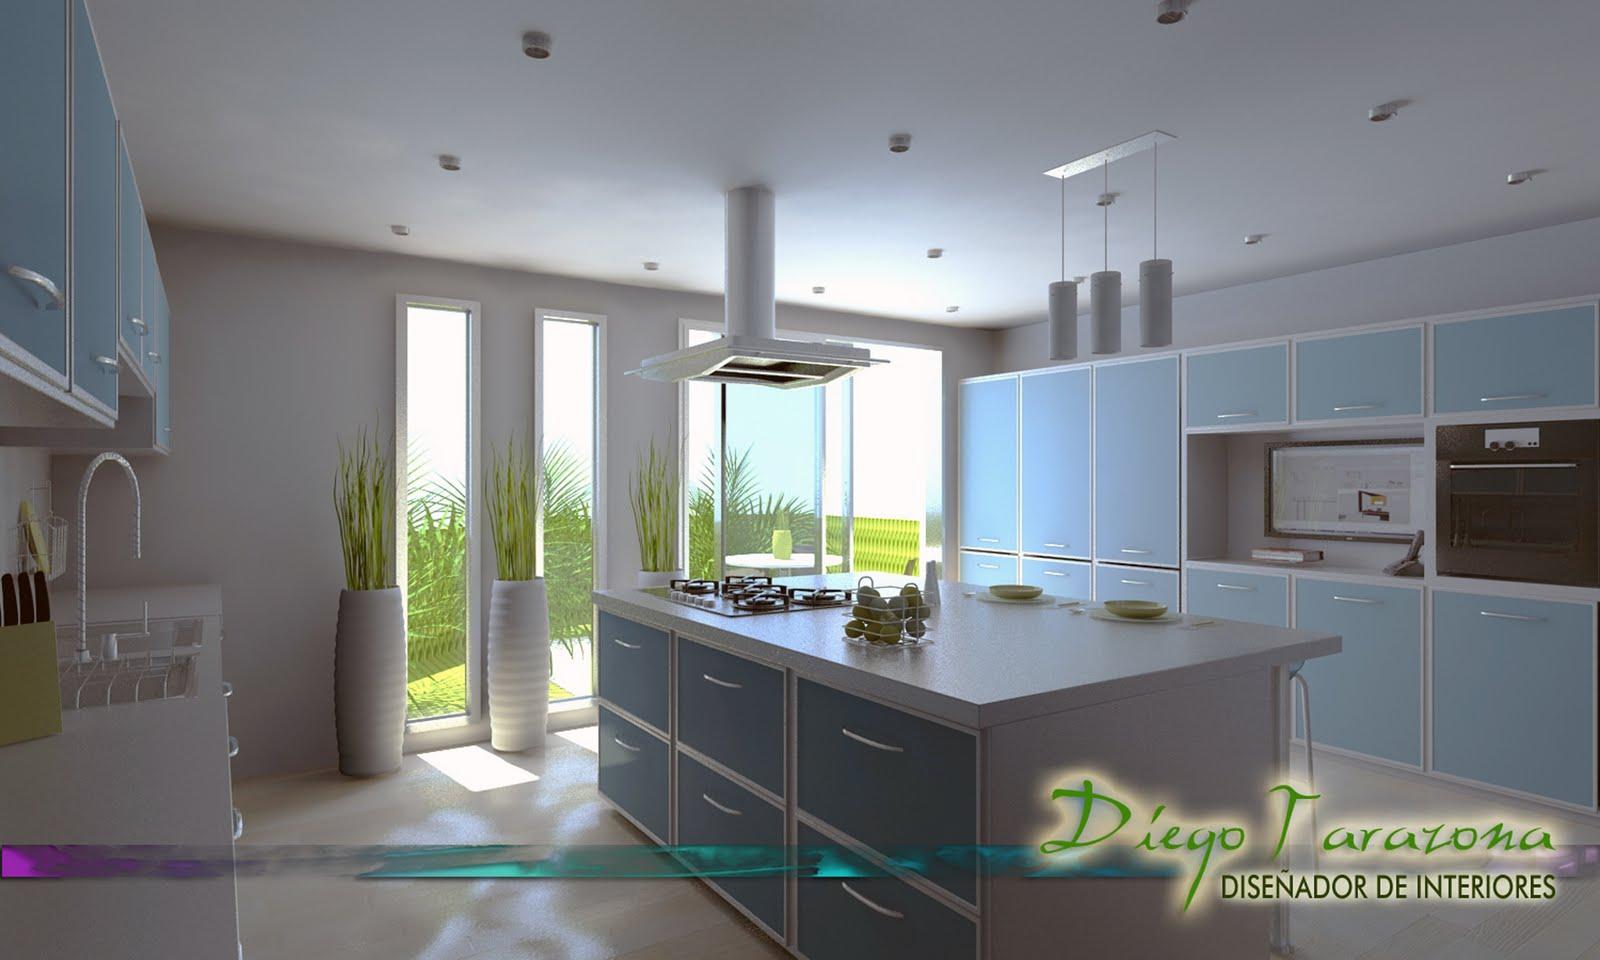 Portafolio diego tarazona dise ador de interiores cocina - Disenador de cocinas online ...